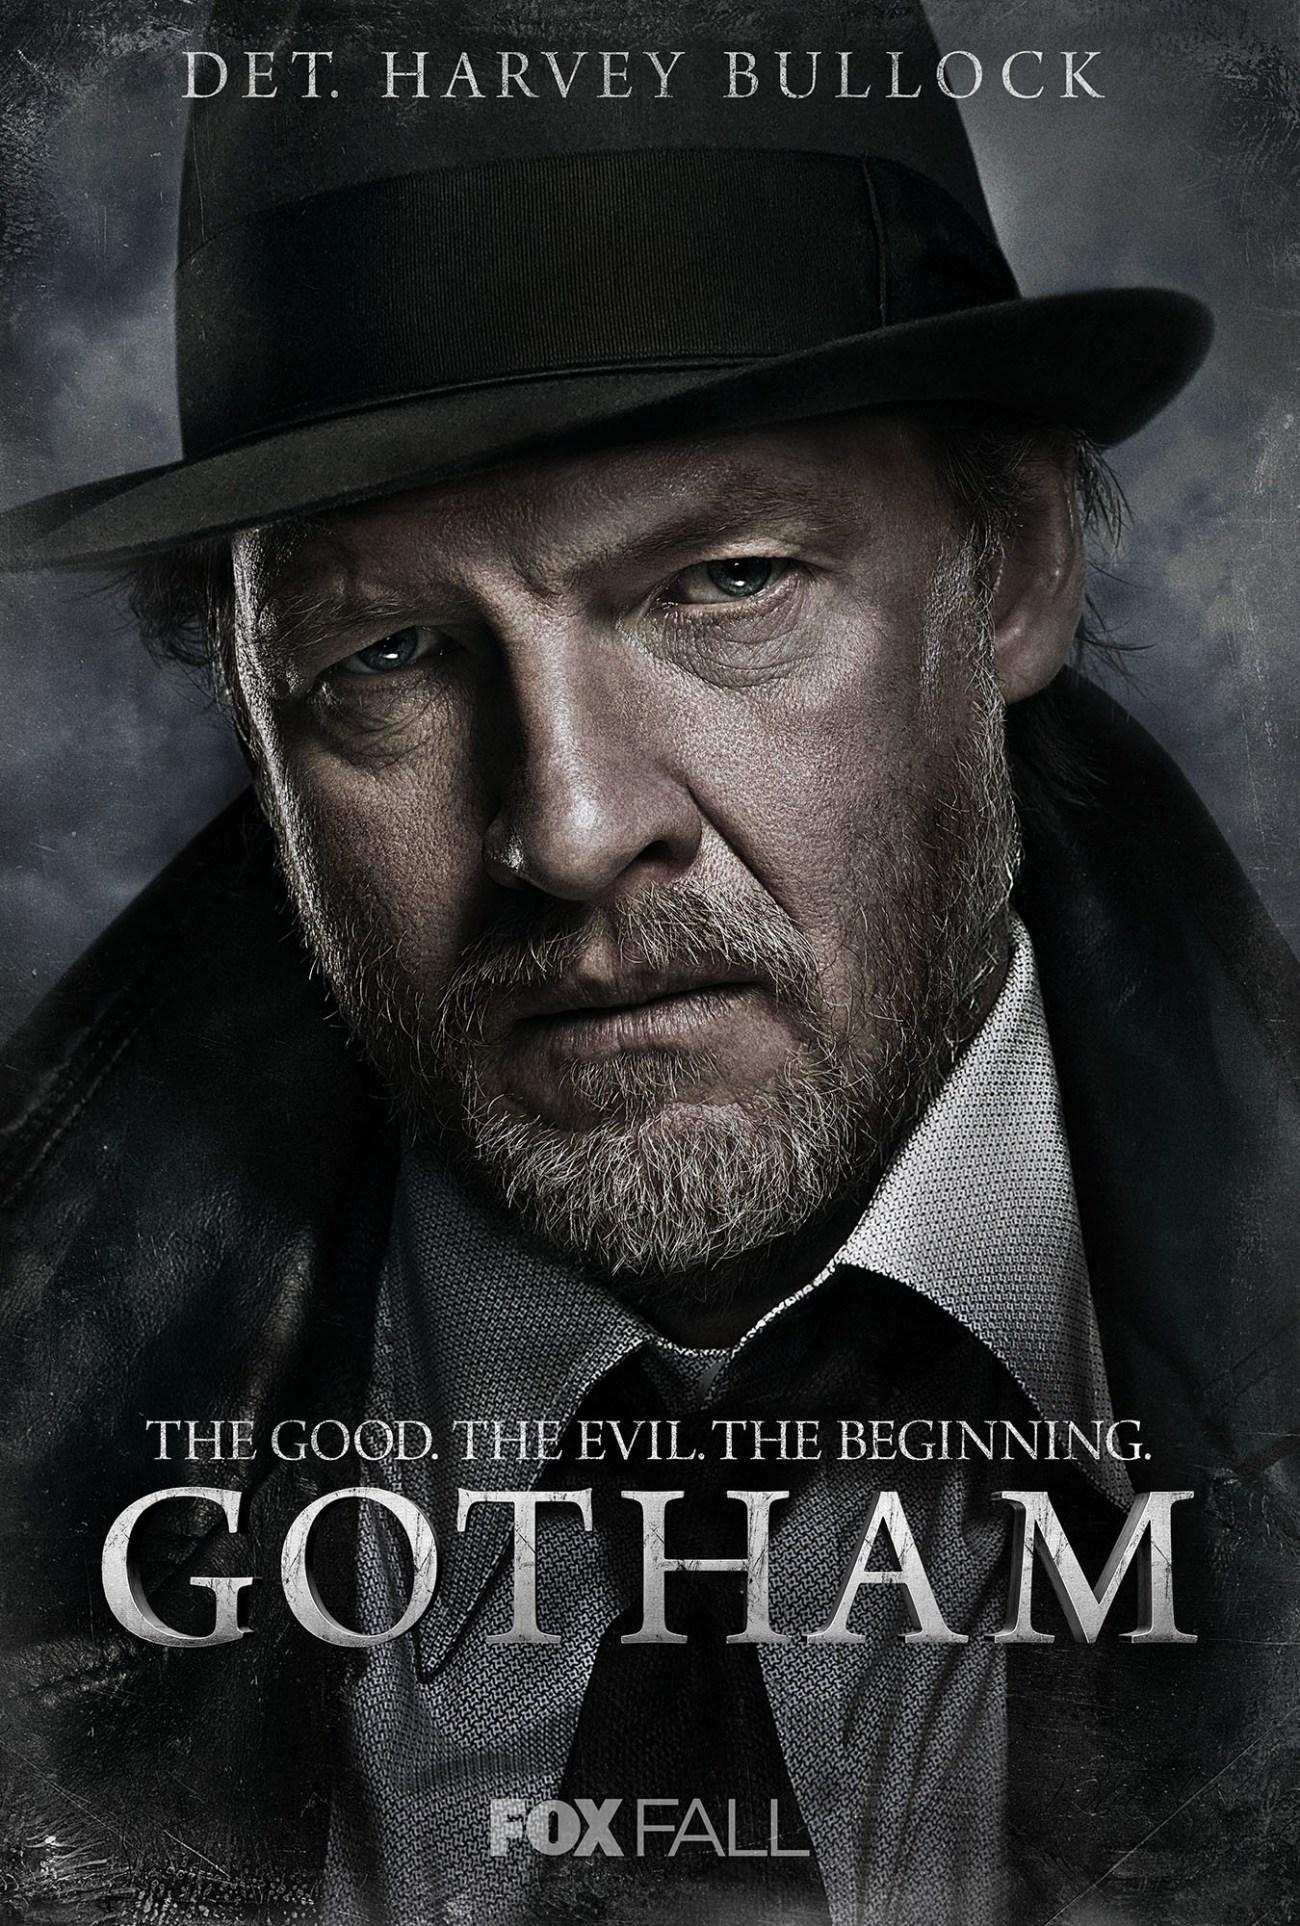 El Detective Harvey Bullock (Donal Logue) en un póster promocional de Gotham (2014-2019). Imagen: impawards.com